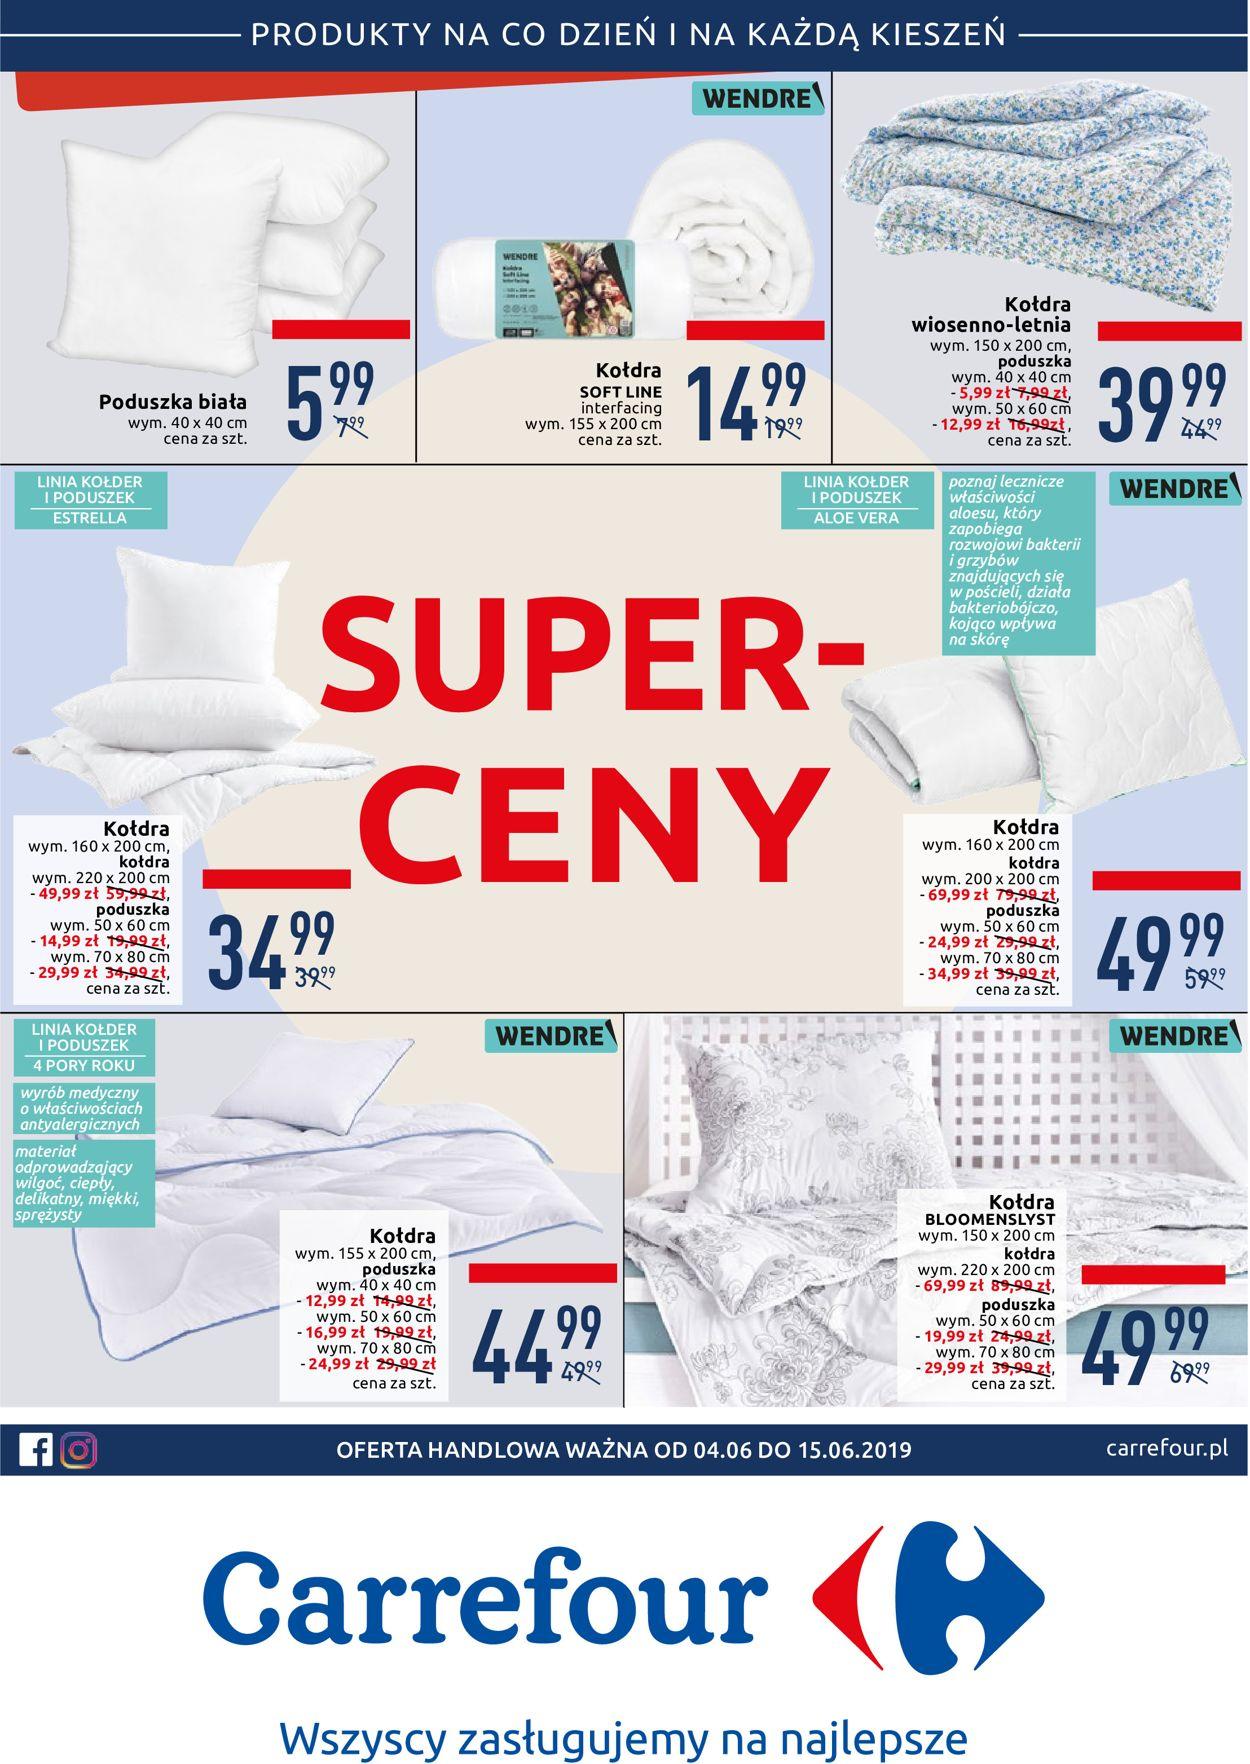 Gazetka promocyjna Carrefour - 04.06-15.06.2019